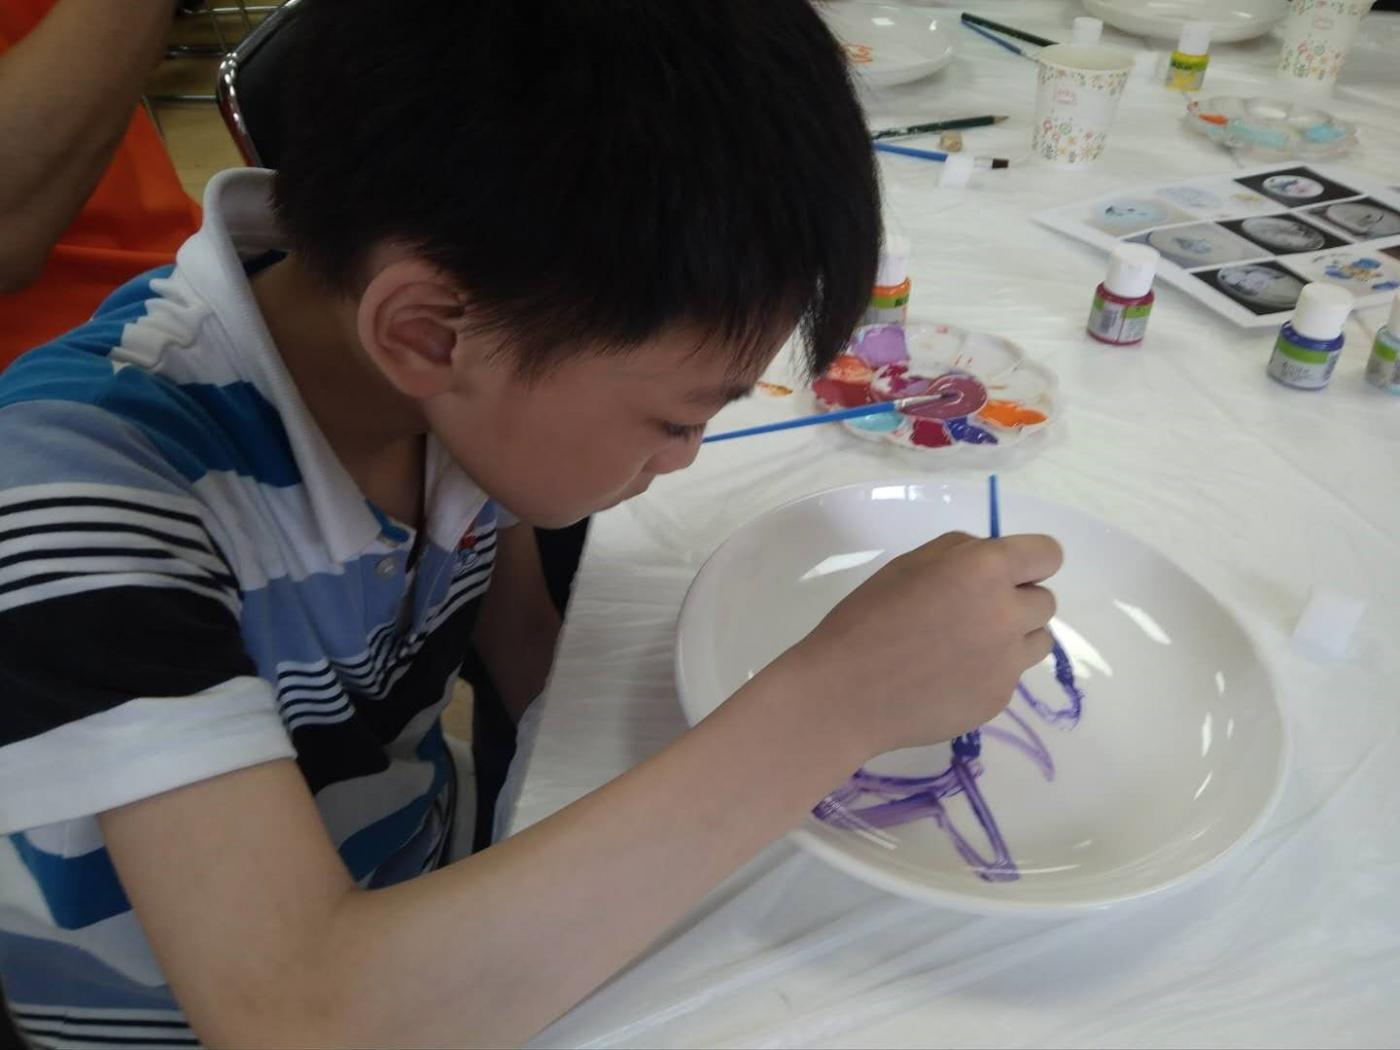 瓷盘彩色绘画_图1-2